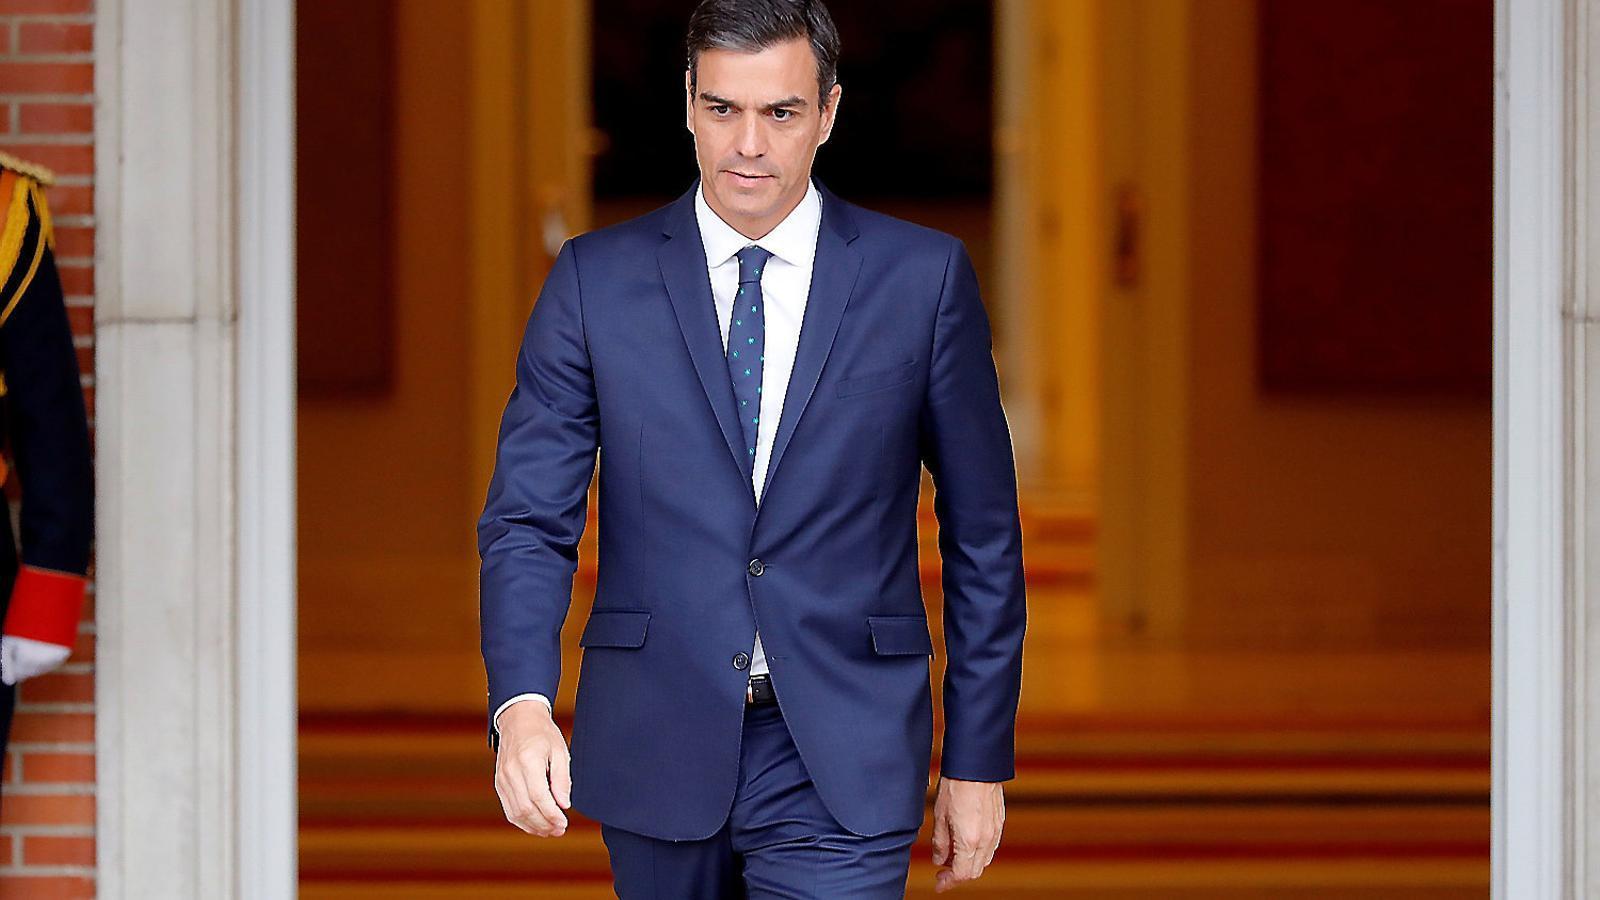 El president espanyol, Pedro Sánchez, ahir al Palau de la Moncloa.